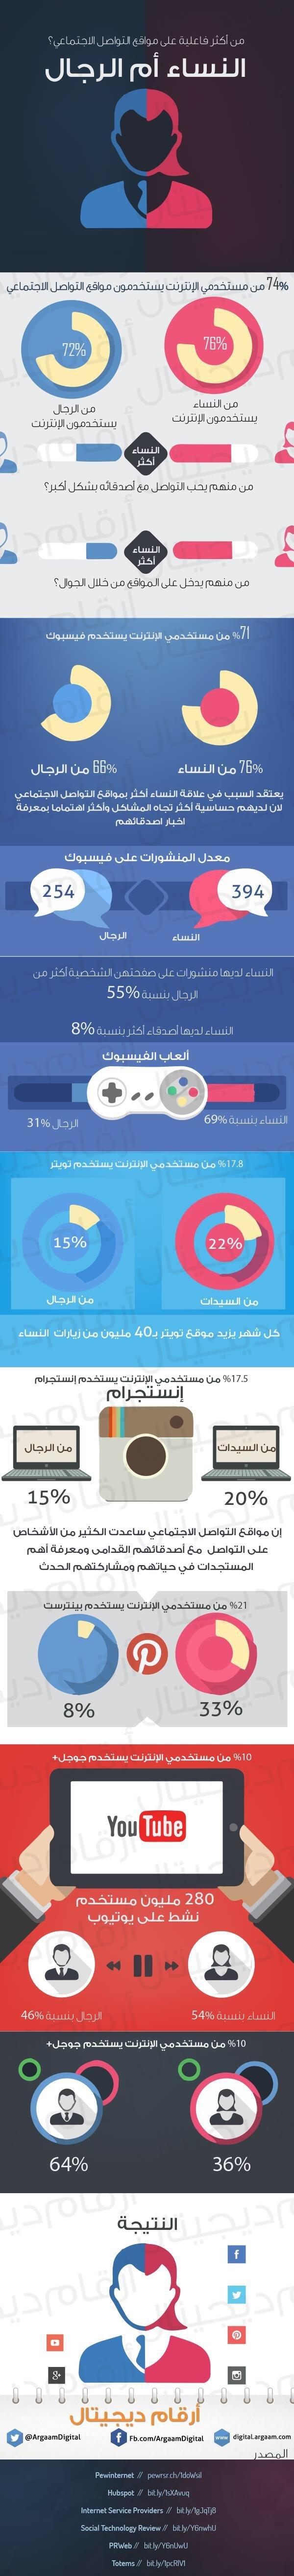 من الأكثر فاعلية على مواقع التواصل الاجتماعي: النساء أم الرجال؟ #انفوجرافيك